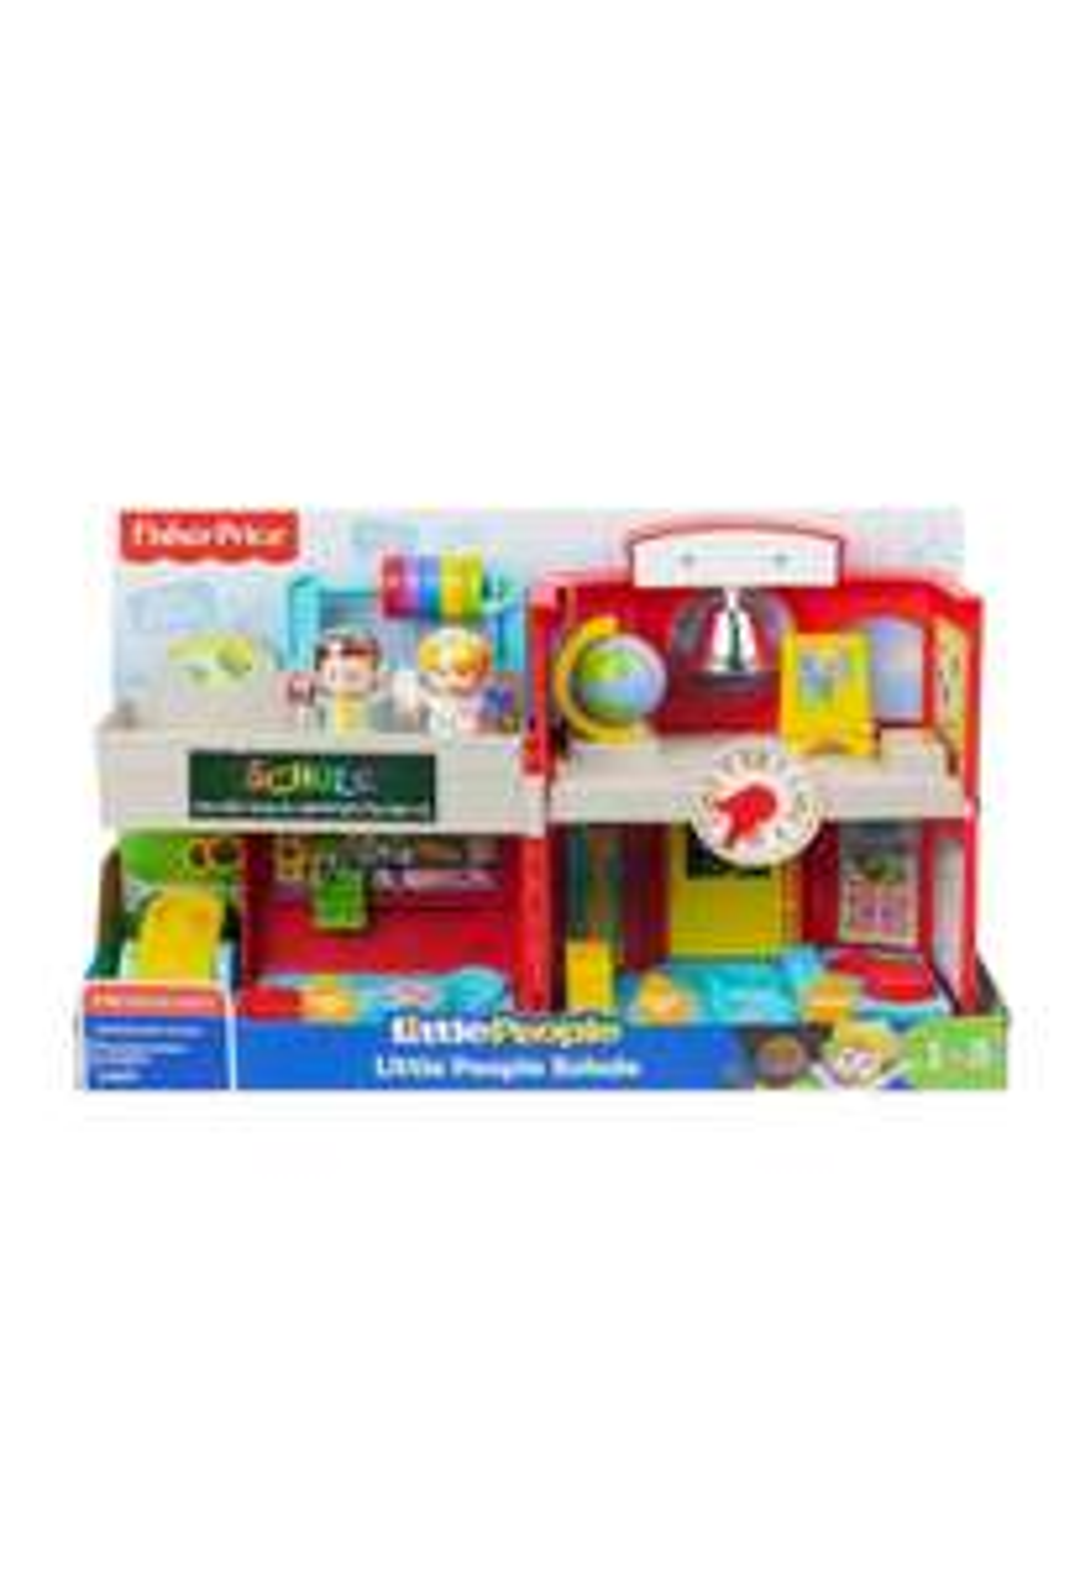 Fisher-Price GJC09 - Little People Schule für Amazon Prime Kunden für 17,94€ (-49%)